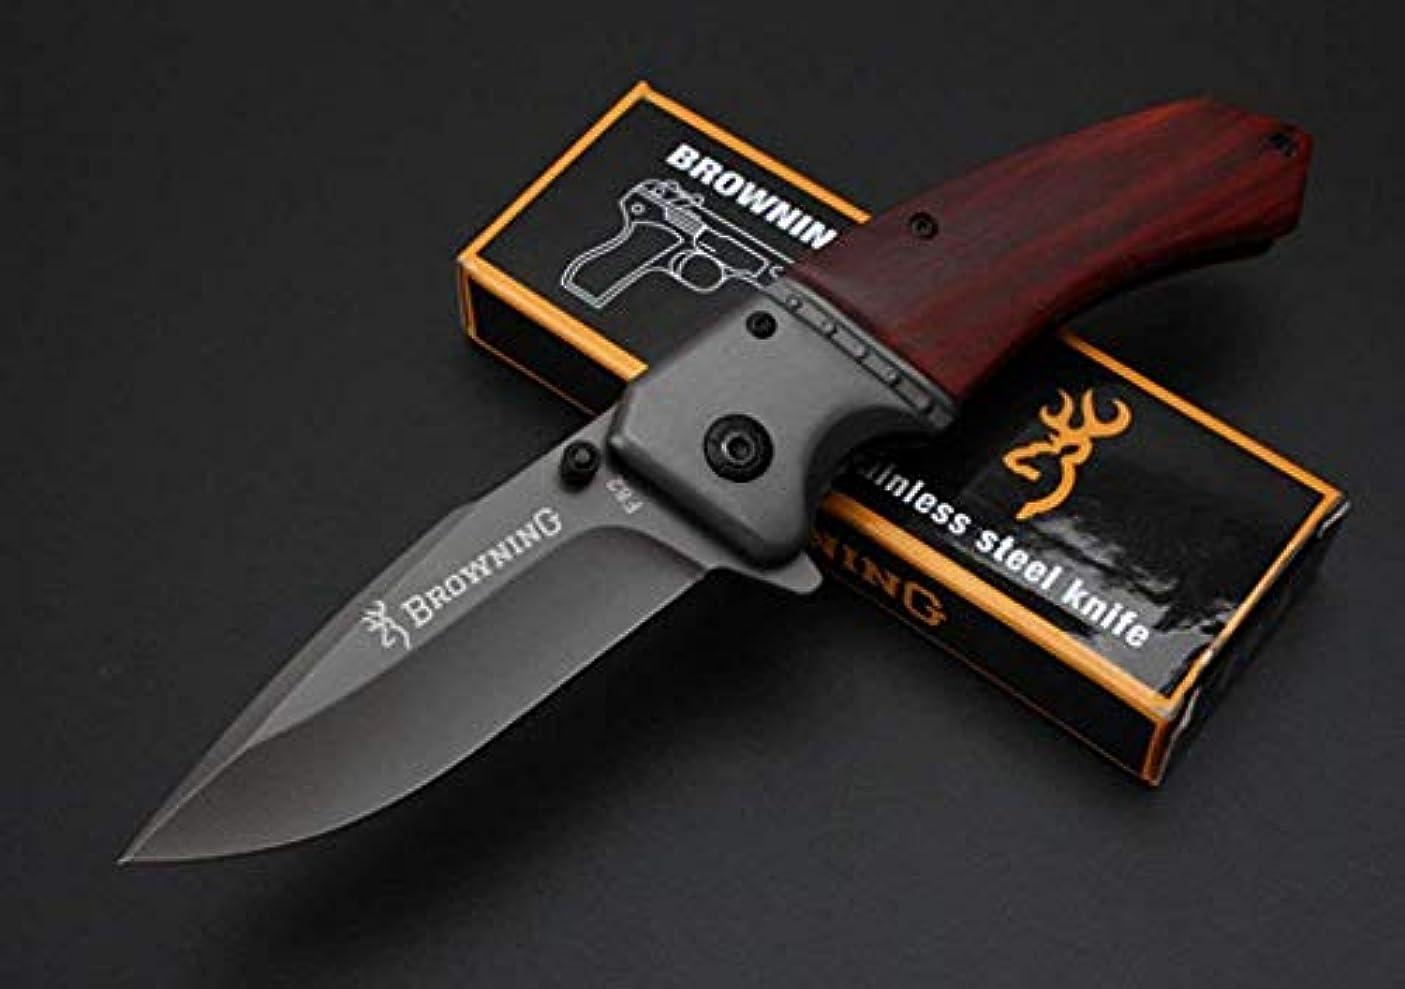 事前に無し熟読するFARDEER KNIFE ナイフ フォールディングナイフサバイバルナイフナイフ アウトドア切れ味良い カッコイイ アウトドア 地震防災用